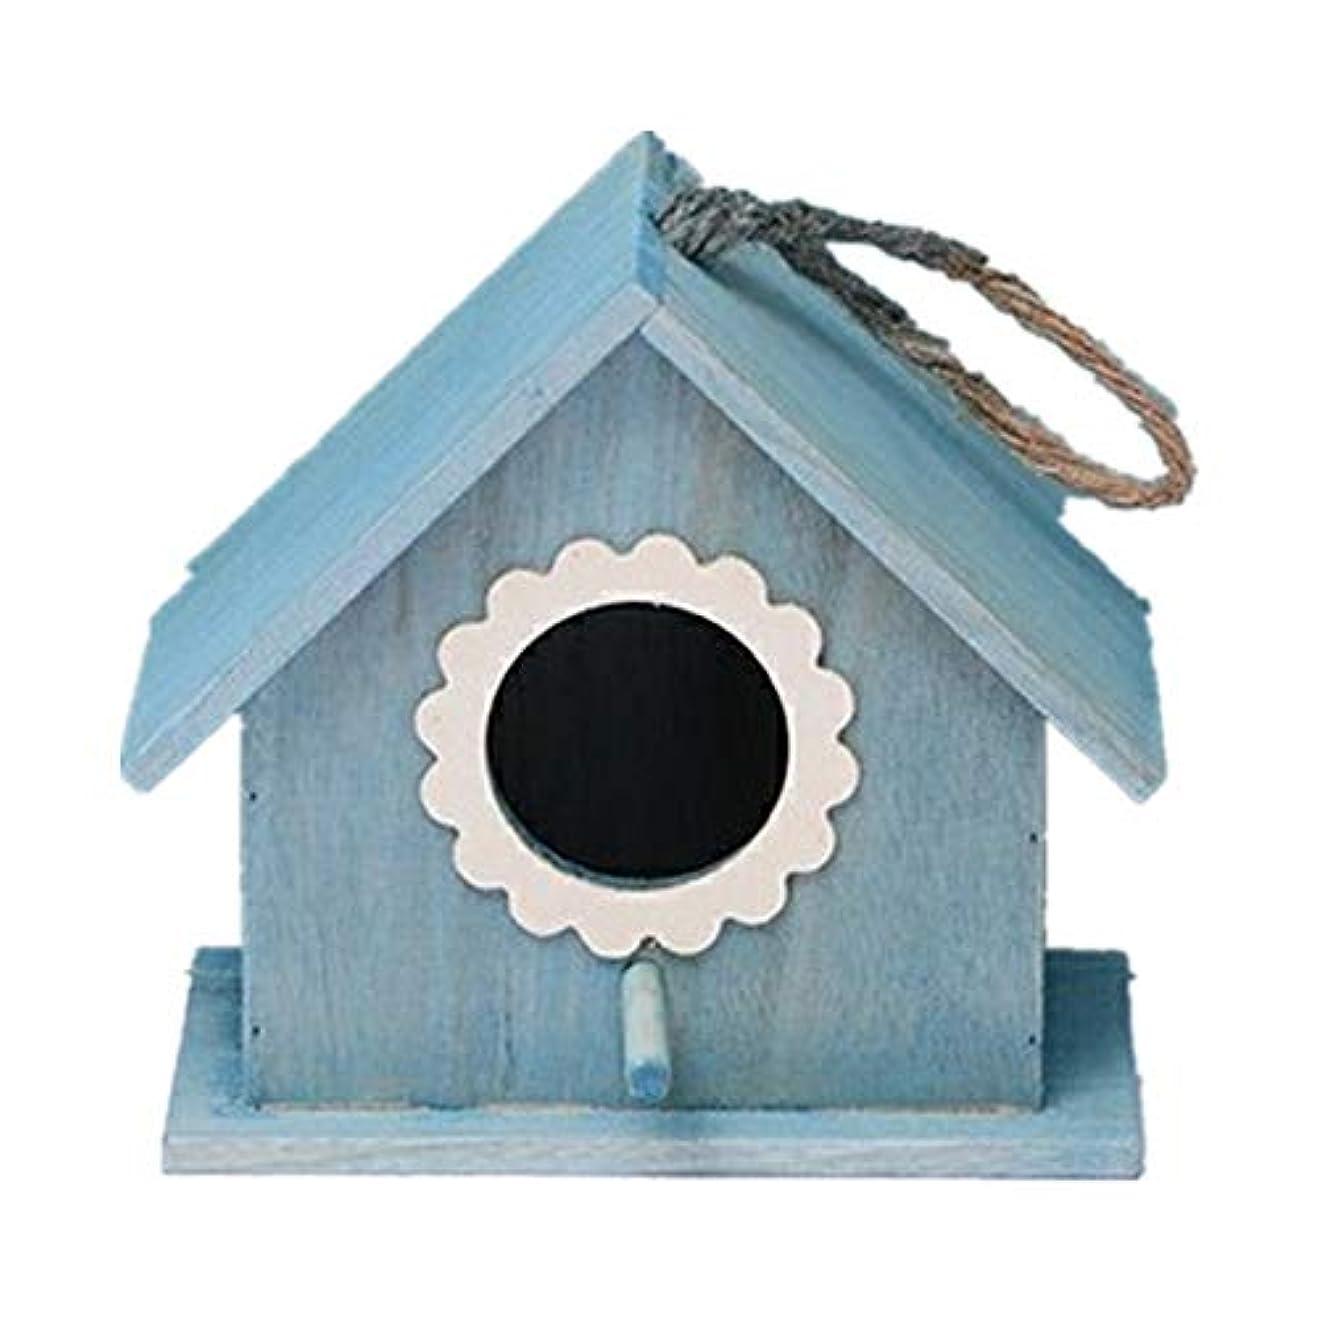 ボトル世界的にクマノミ鳥の巣 レトロアーツアンドクラフツ屋外屋外バードハウス装飾コテージバードハウス屋外ウッドバードハウス用小鳥小屋バードハウス 鳥の巣箱 (Color : Red, Size : S)